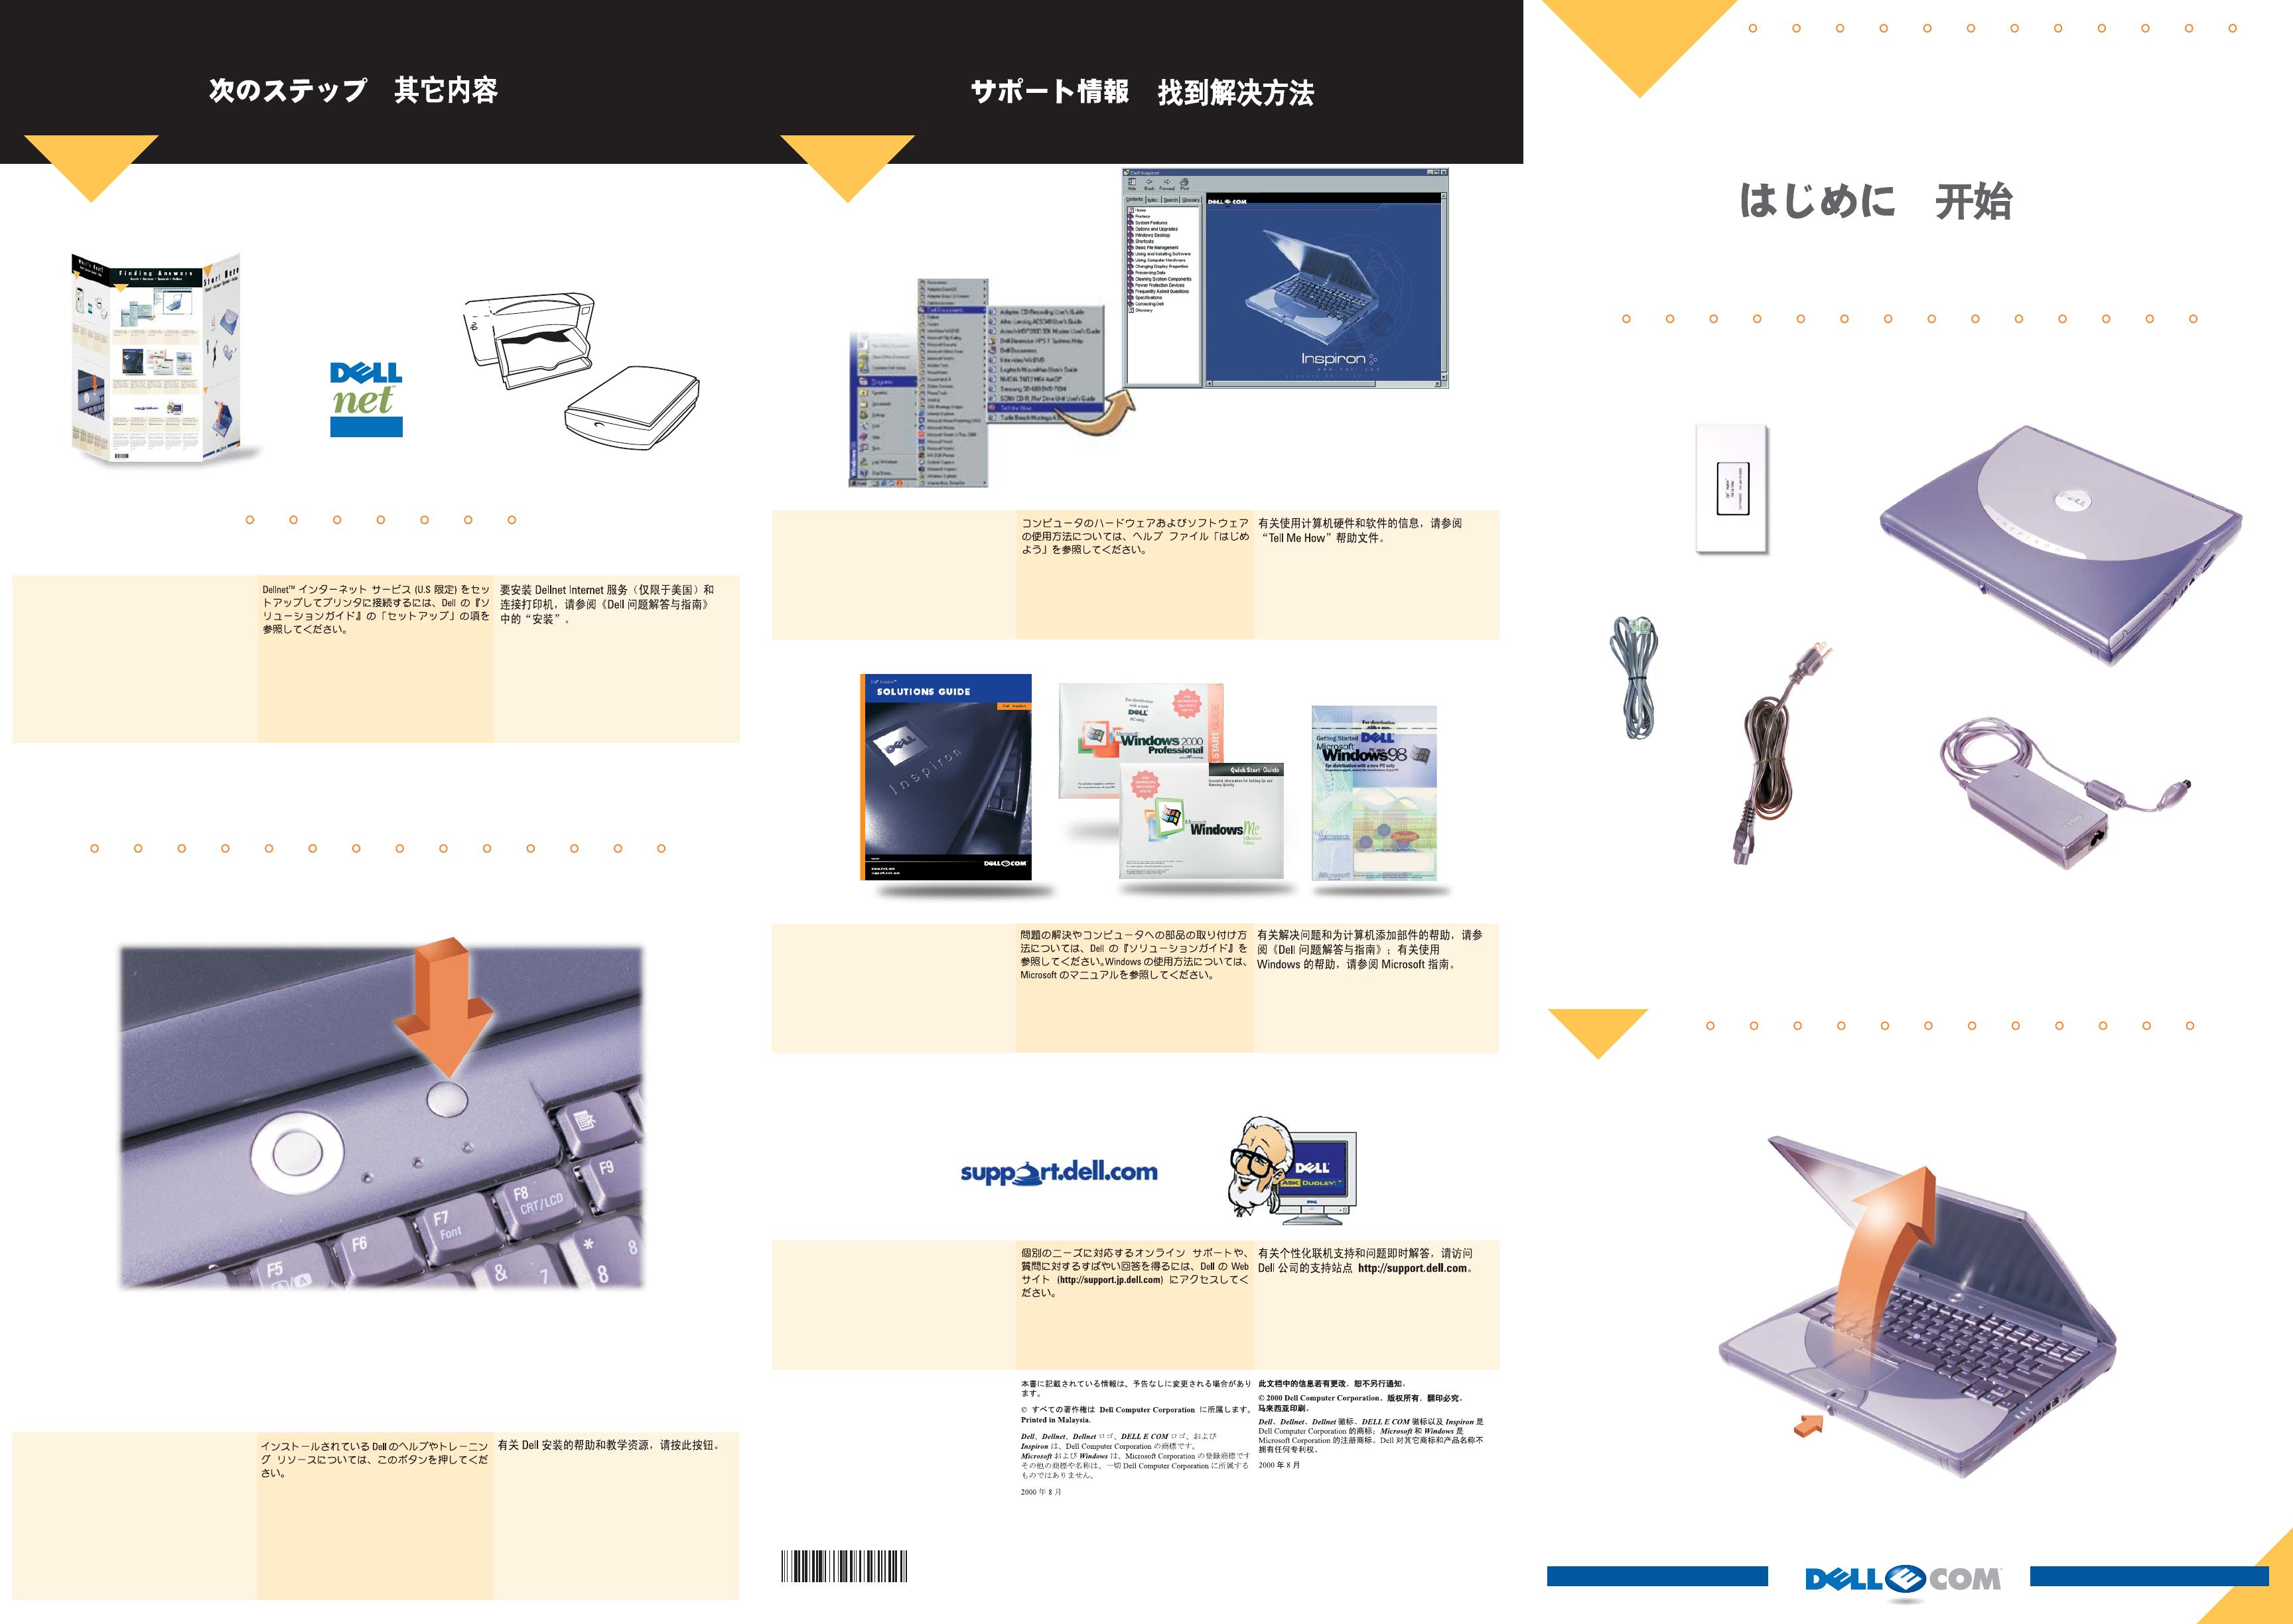 dell laptop 57drk user guide manualsonline com rh manualsonline com Dell User Guides and Manuals Dell User Guides and Manuals